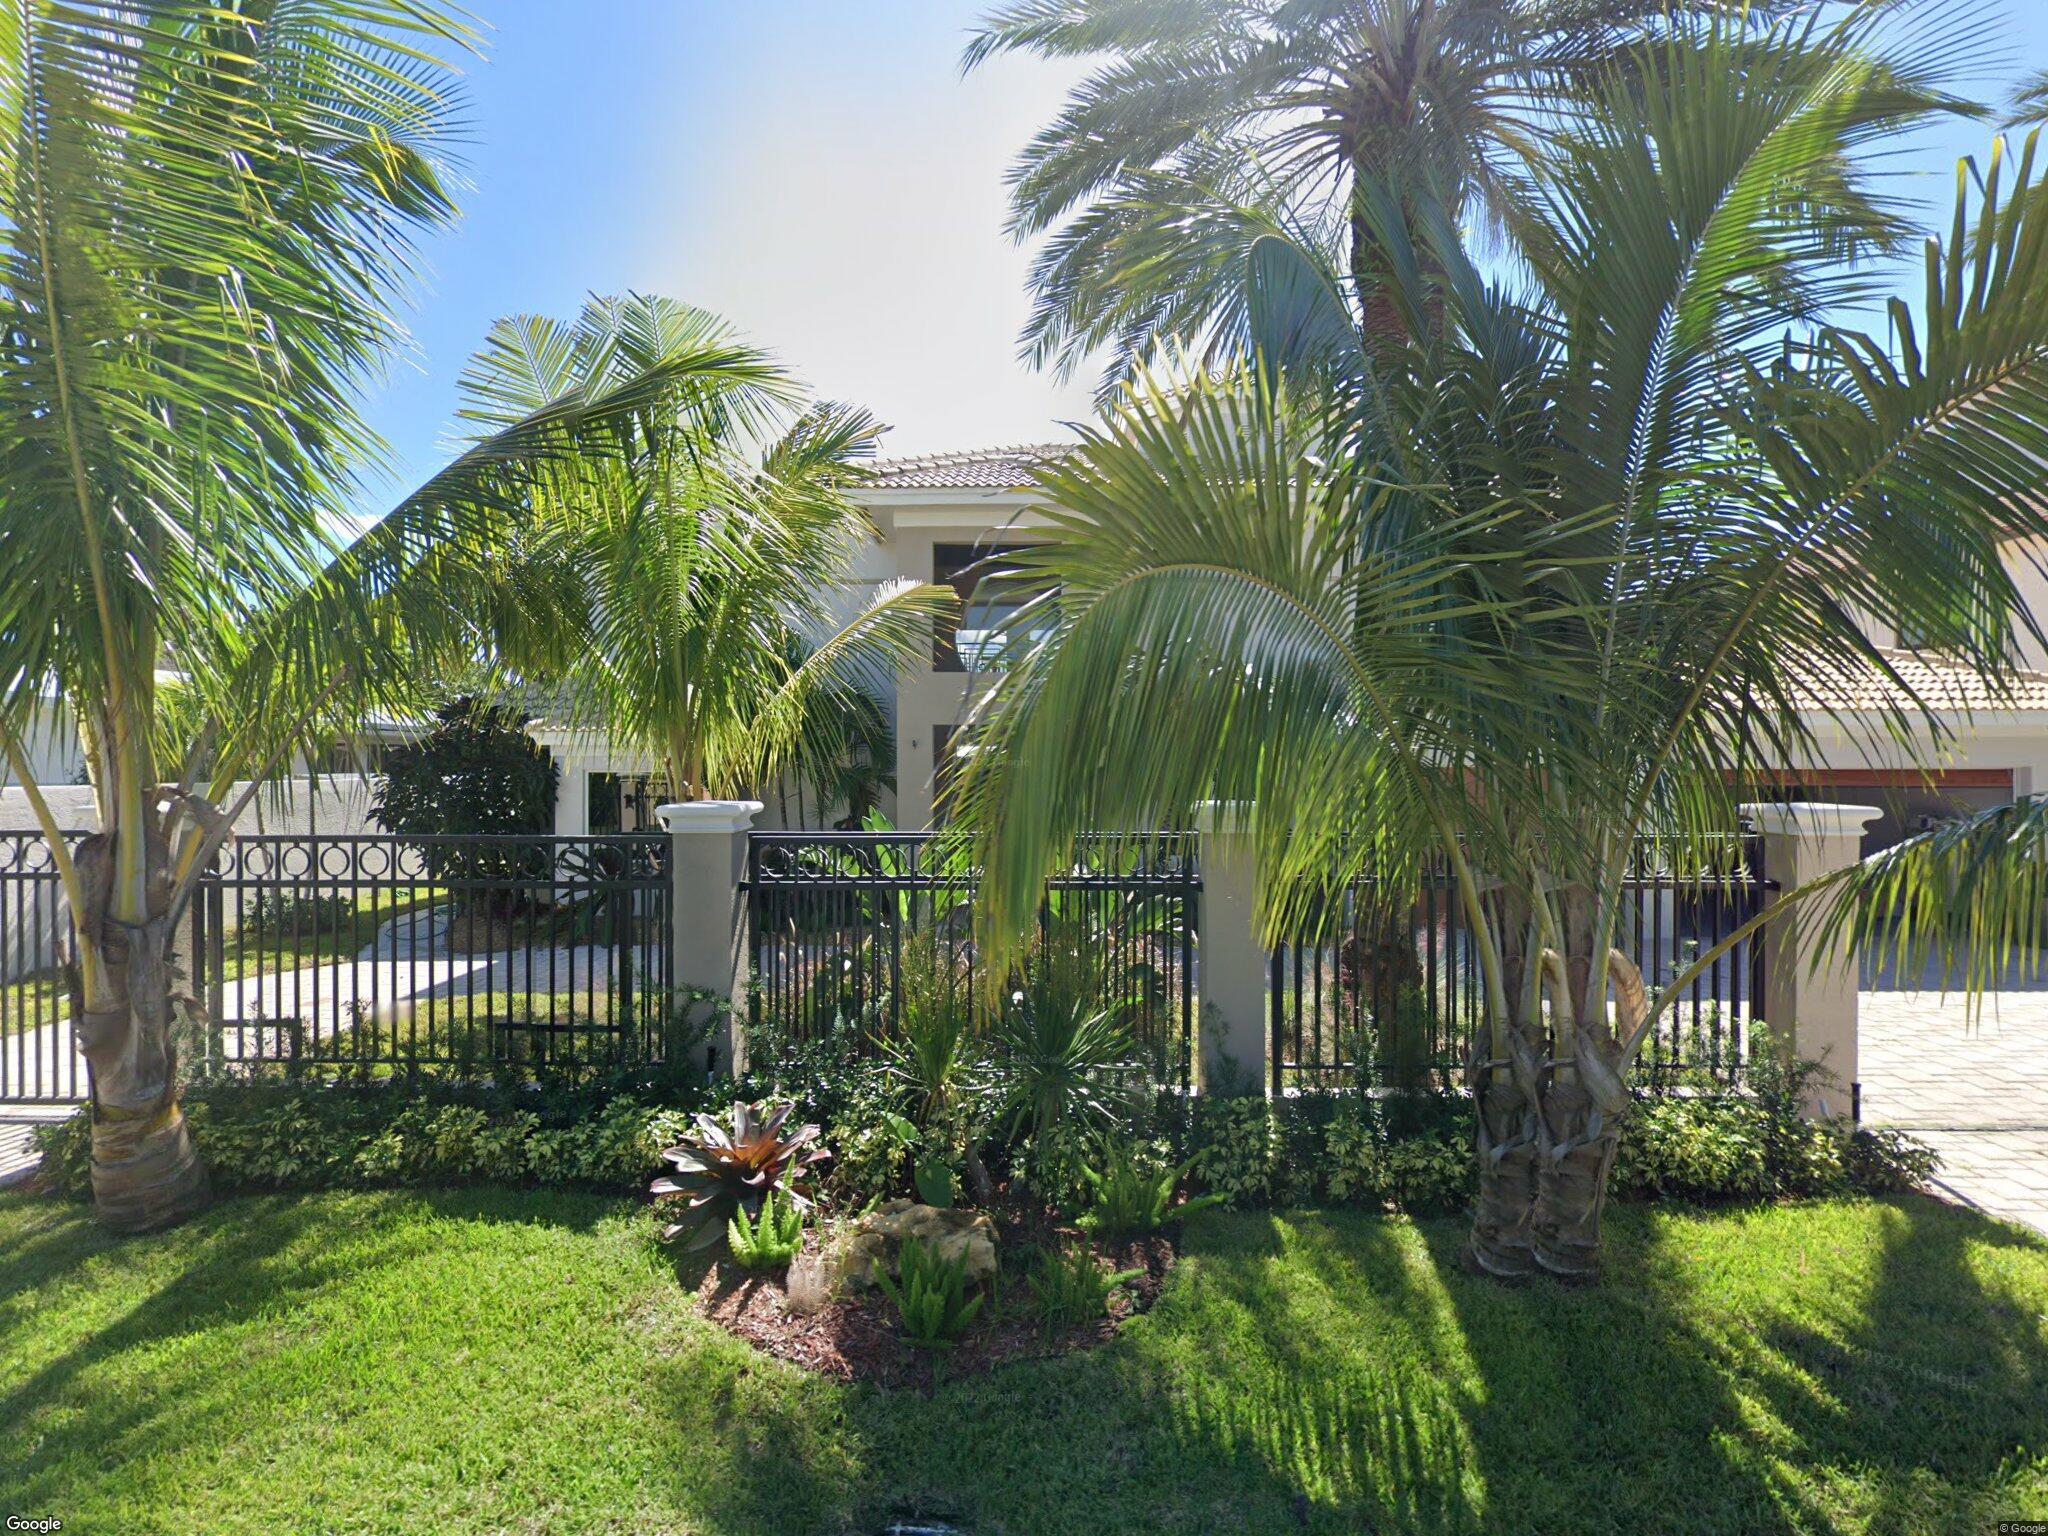 2886 NE 26th Pl, Fort Lauderdale, FL 33306 - Foreclosure | Trulia